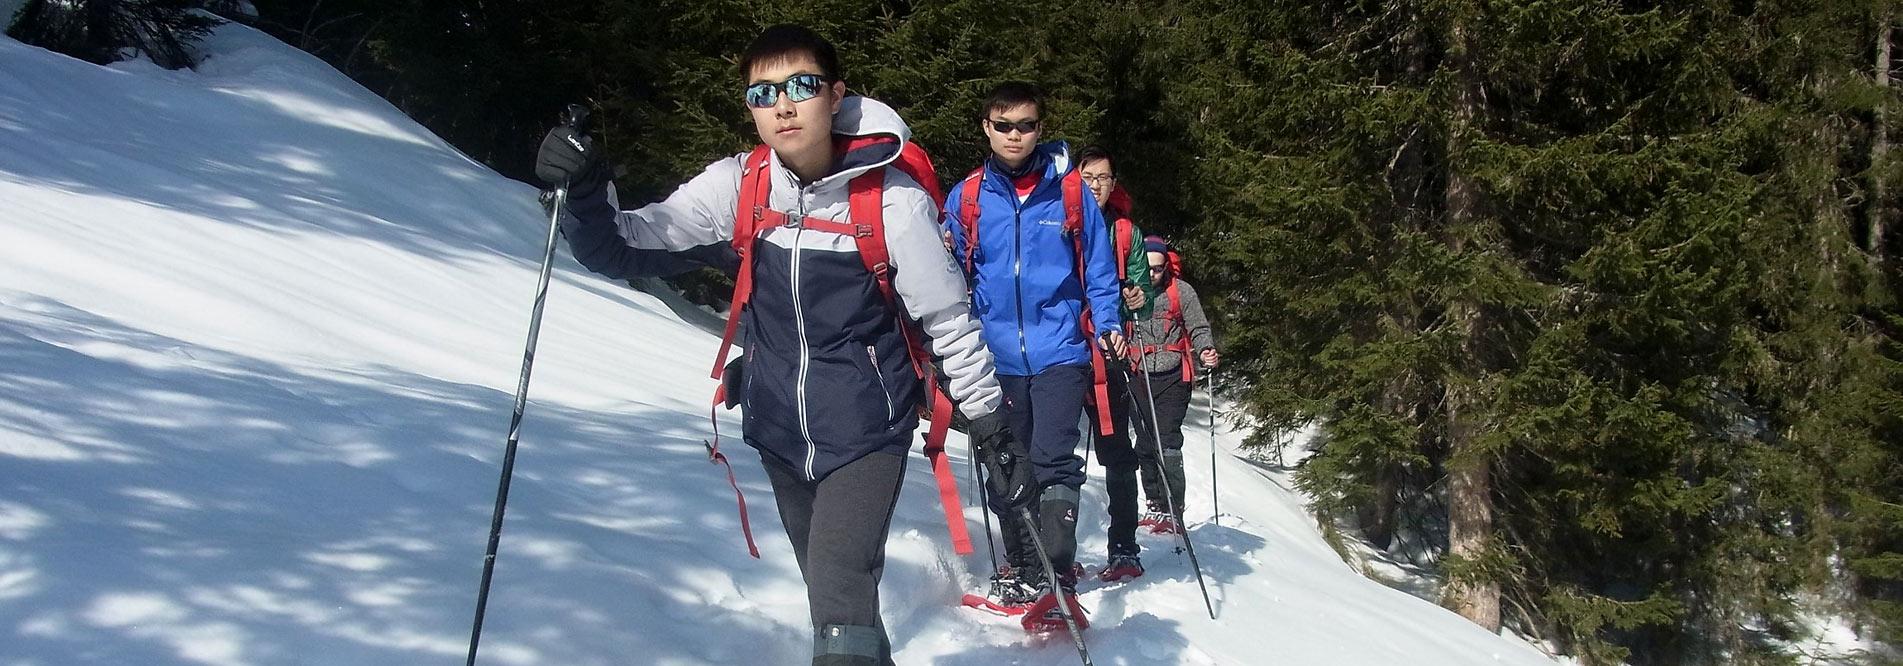 Erlebnispädagogik gibt es auch im Winter, wie hier bei einer Schneeschuhtour im Allgäu.